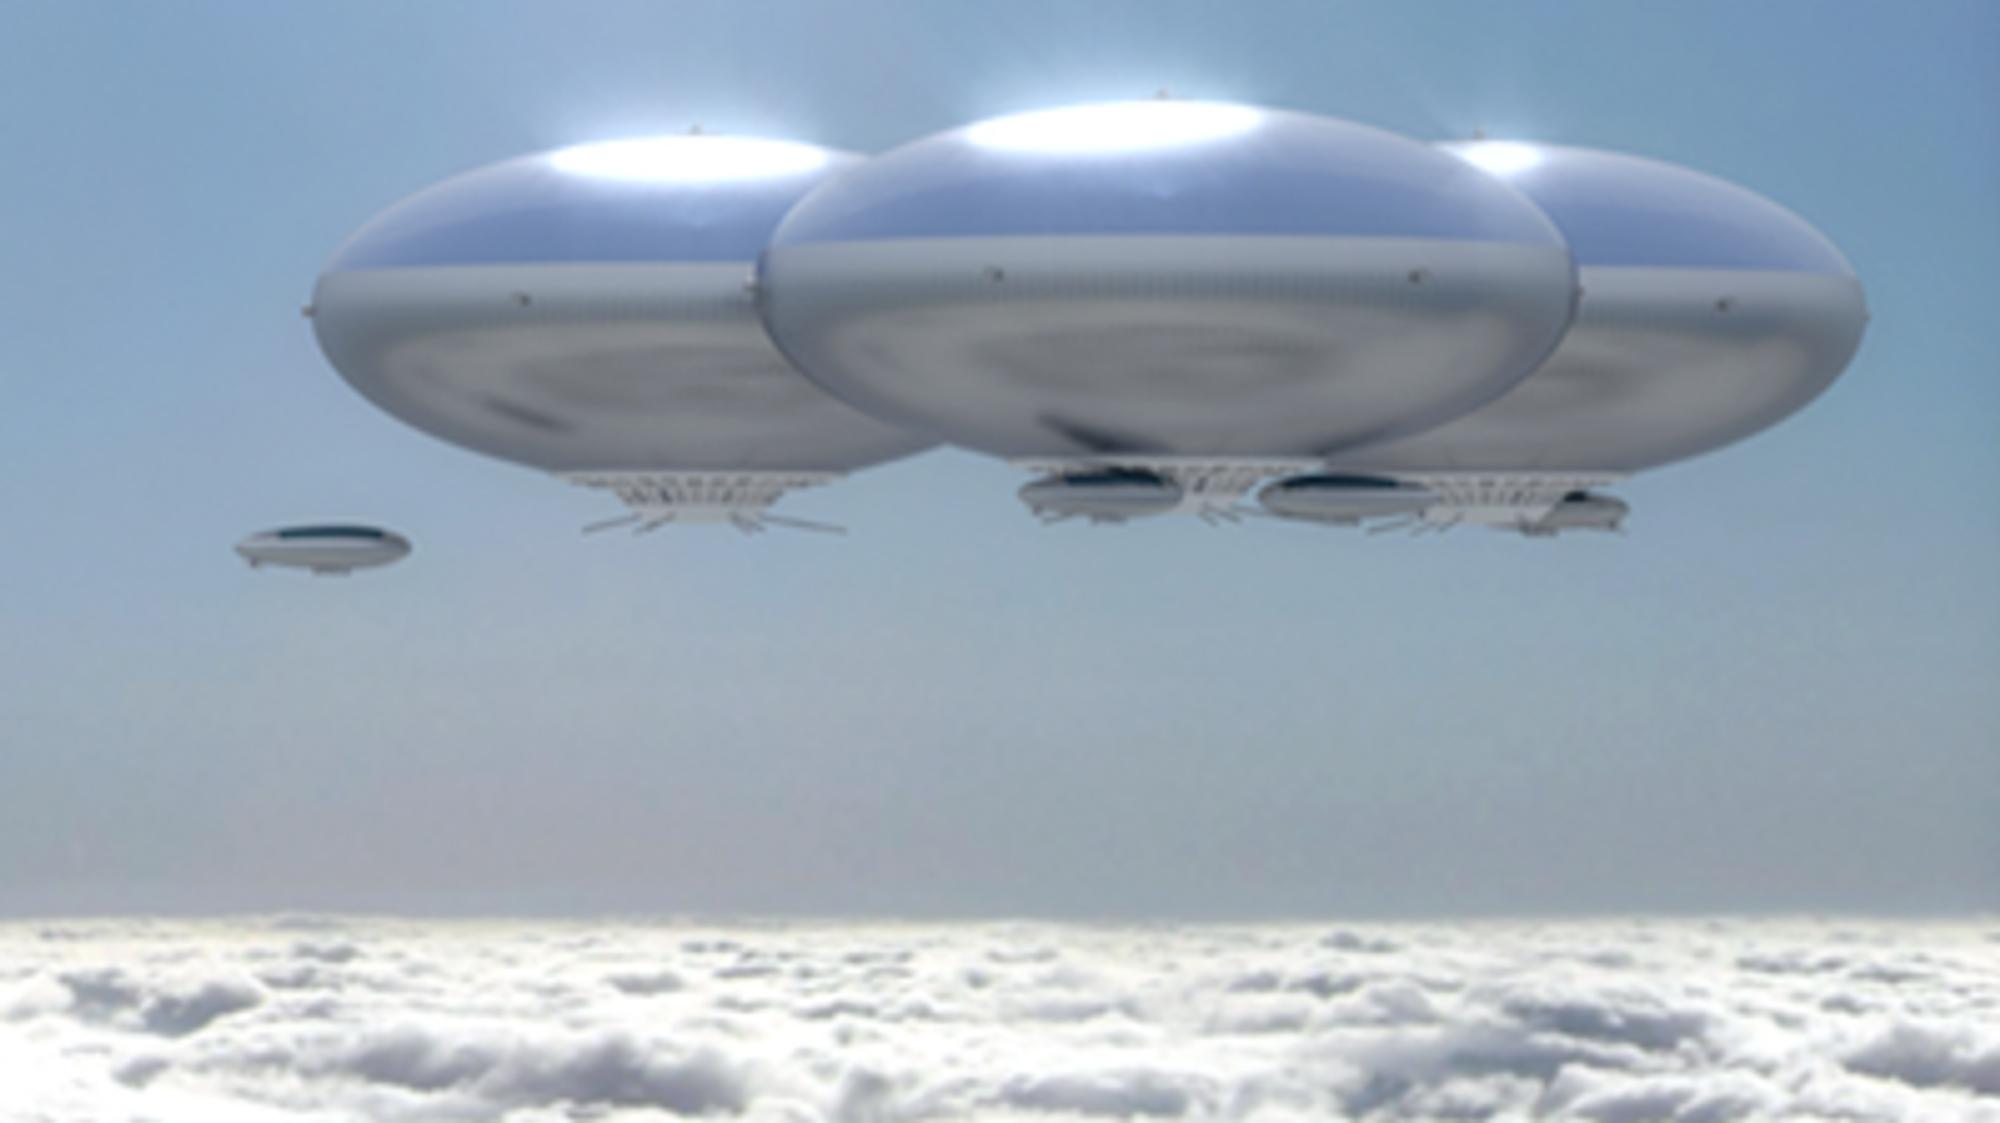 Nytt konsept for bemannede Venus-luftskip: Oppdriften kommer fra en justerbar blanding av oksygen og nitrogen som kan pustes. Luftskipene skal kunne blåses rundt planeten av vinder.